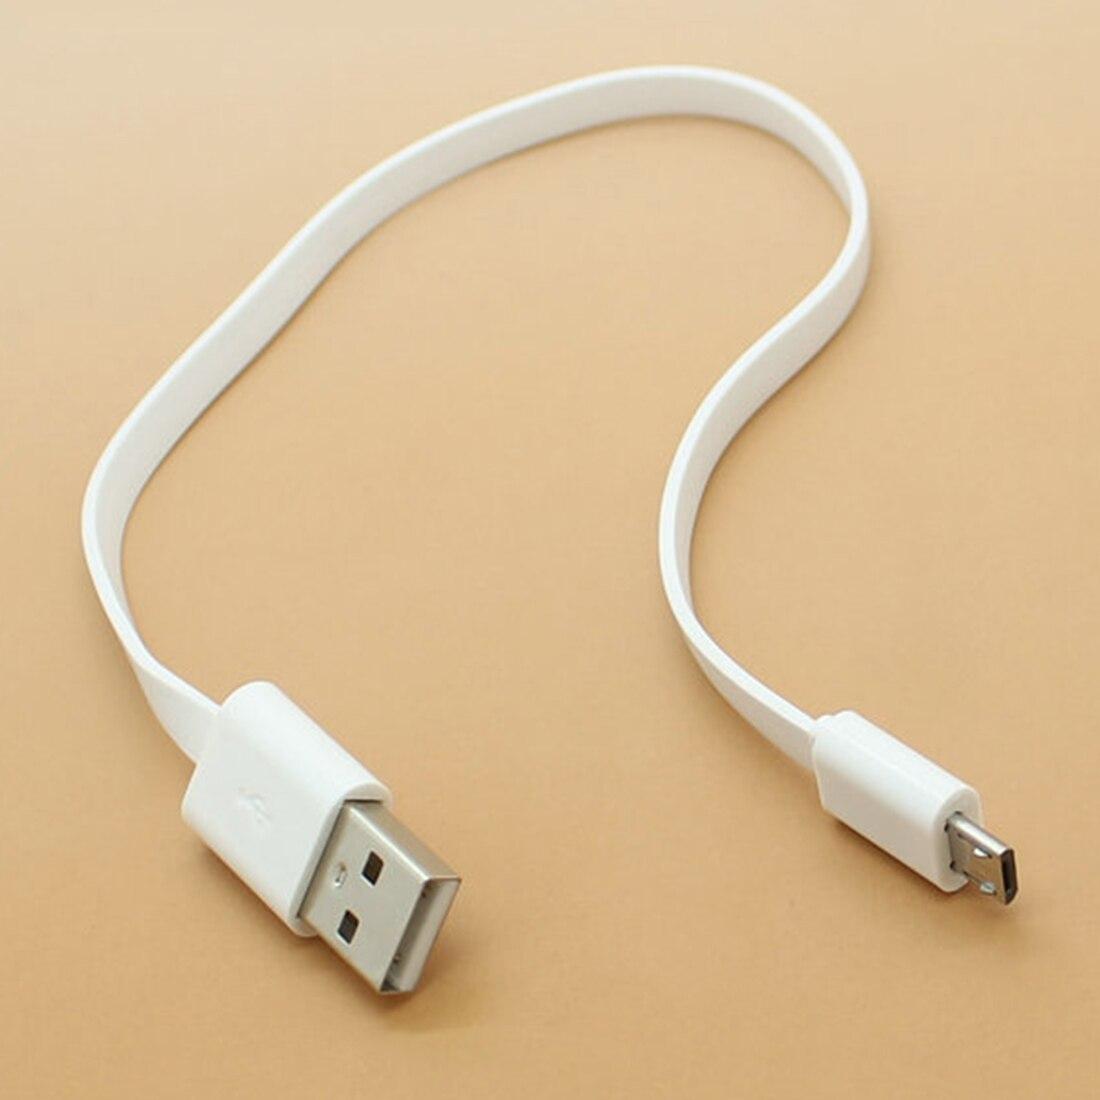 0.2 m micro cabo usb para powerbank cabo de carregamento curto cabo cabo para huawei samsung xiaomi redmi honra carregador micro usb